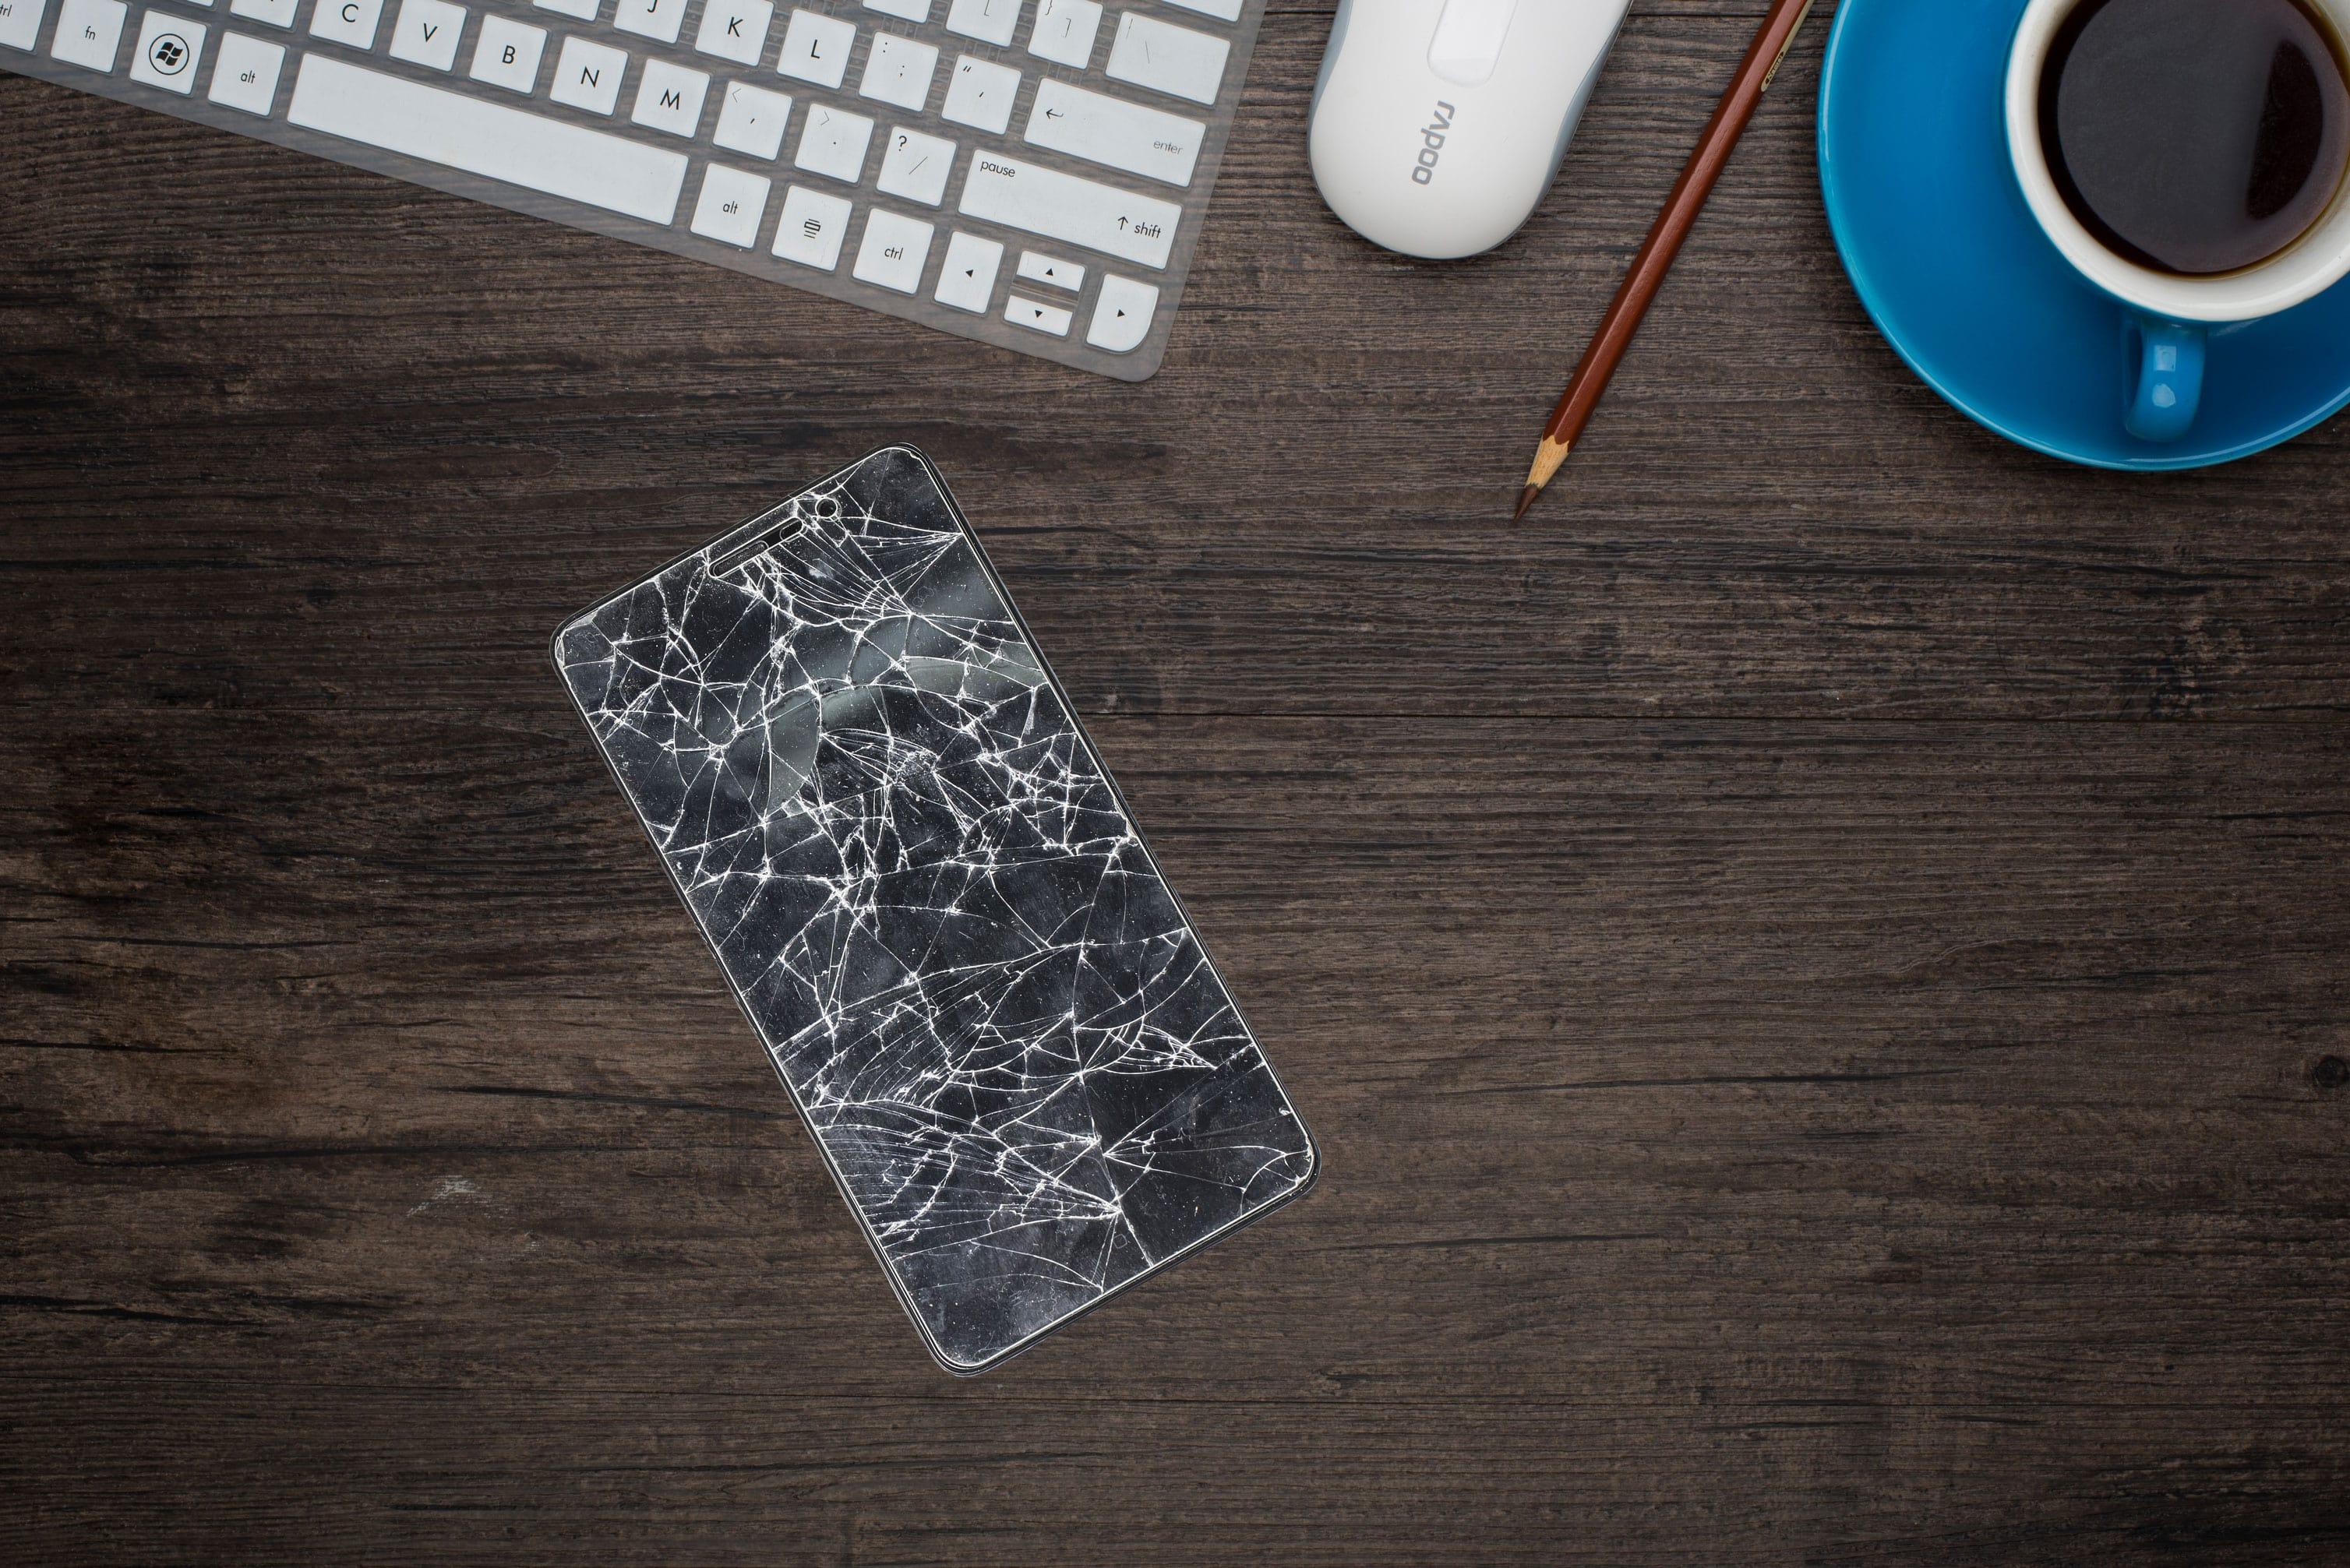 Ecran brisé téléphone - Blog SFAM